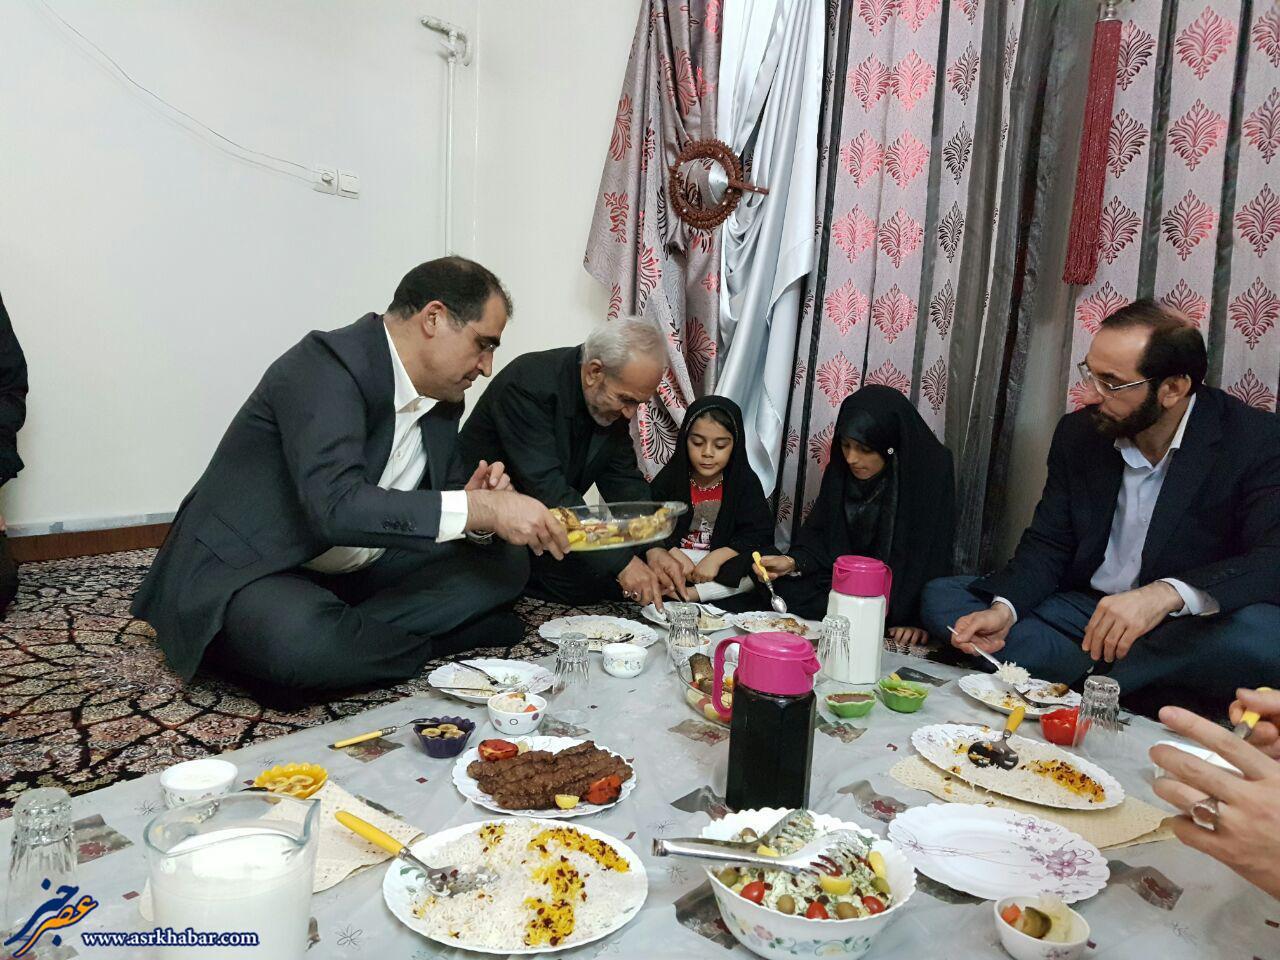 وزیر بهداشت دیشب شام کجا بود؟ (عکس)